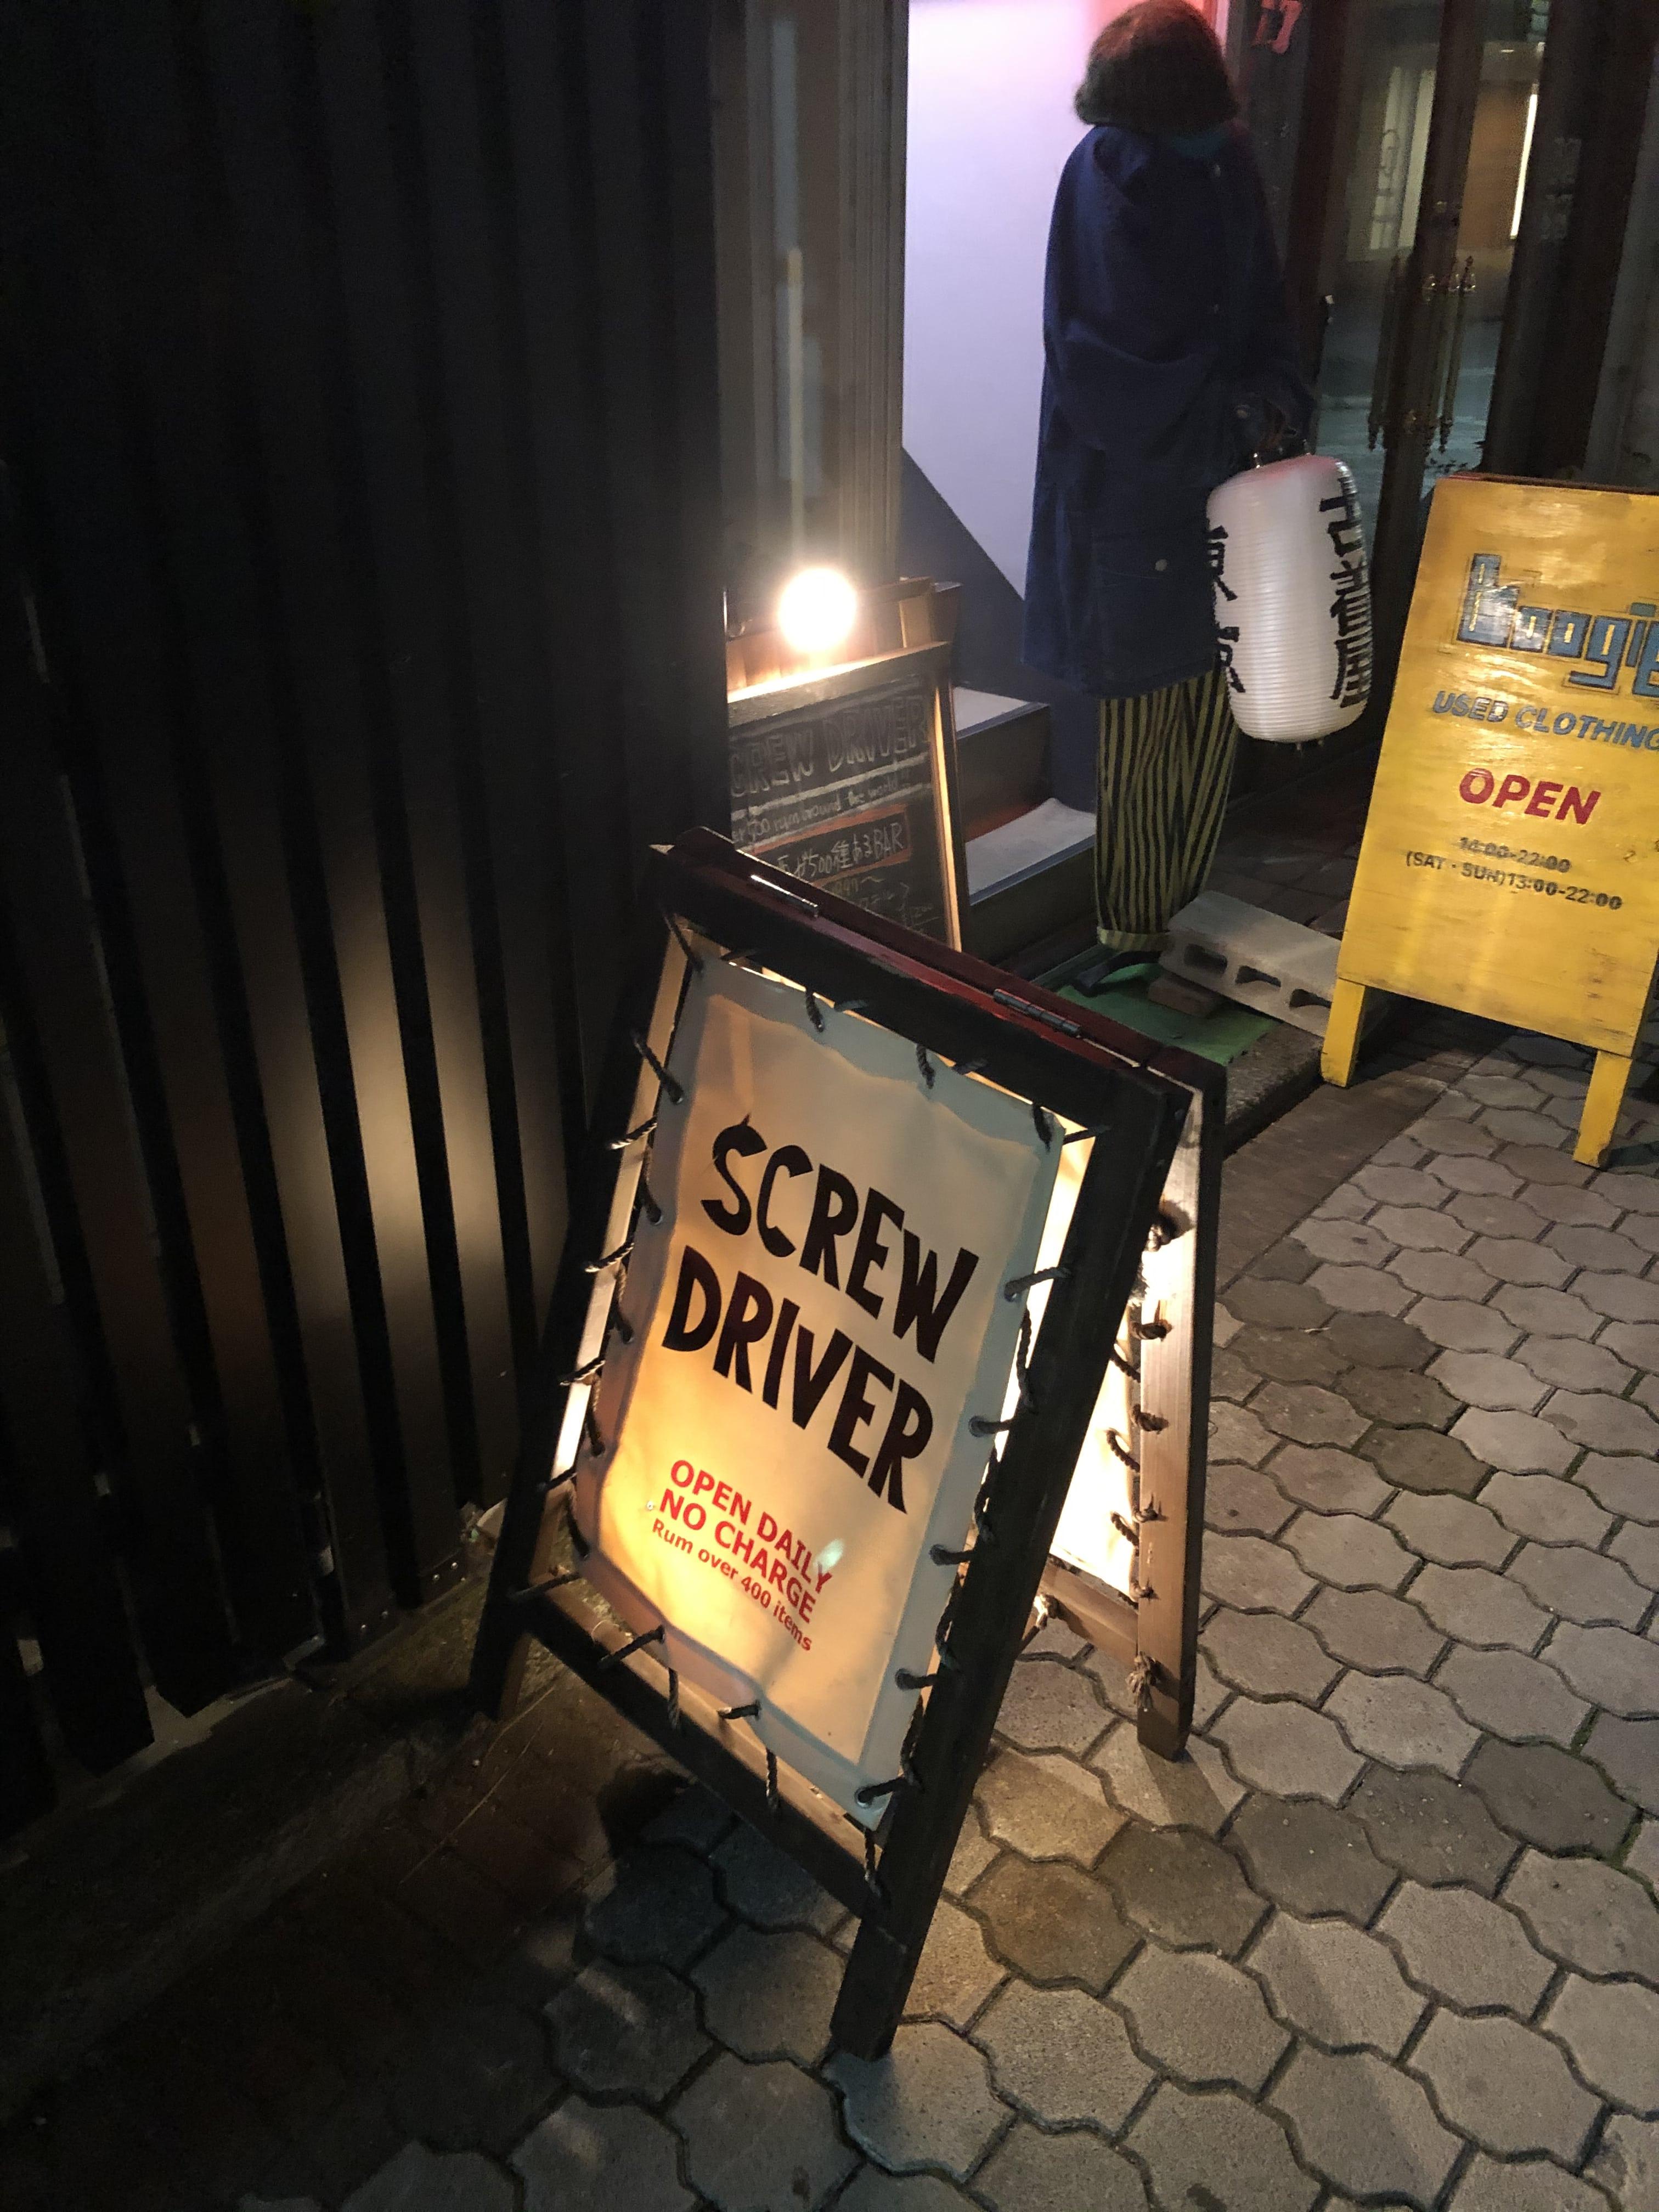 夜のスクリュードライバーさんの階段前とBoogieさんの看板